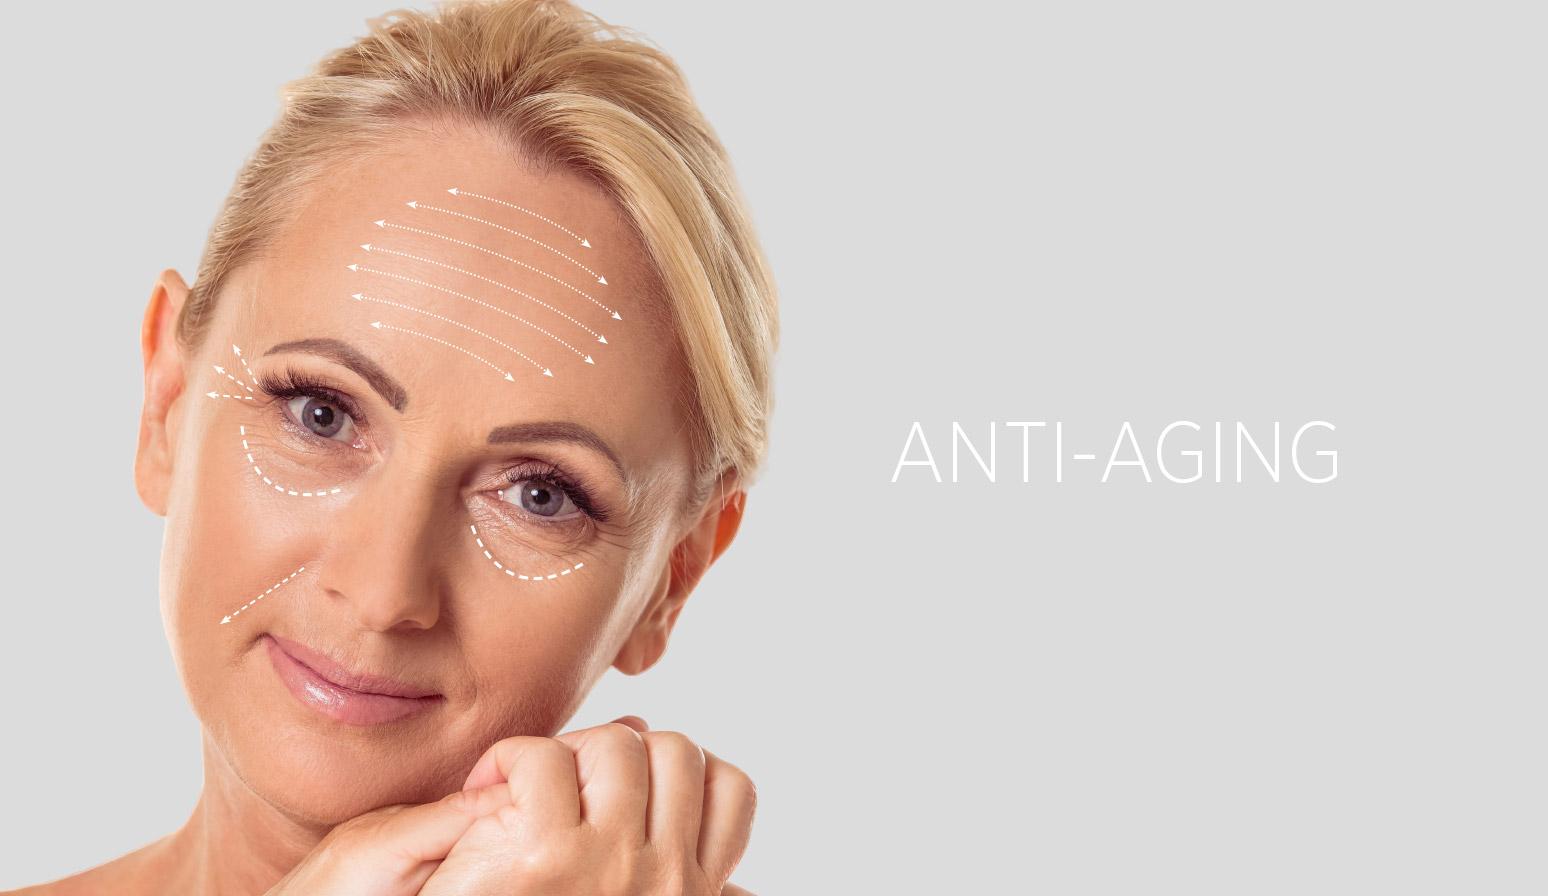 anti aging cilt gençleştirme yöntemi